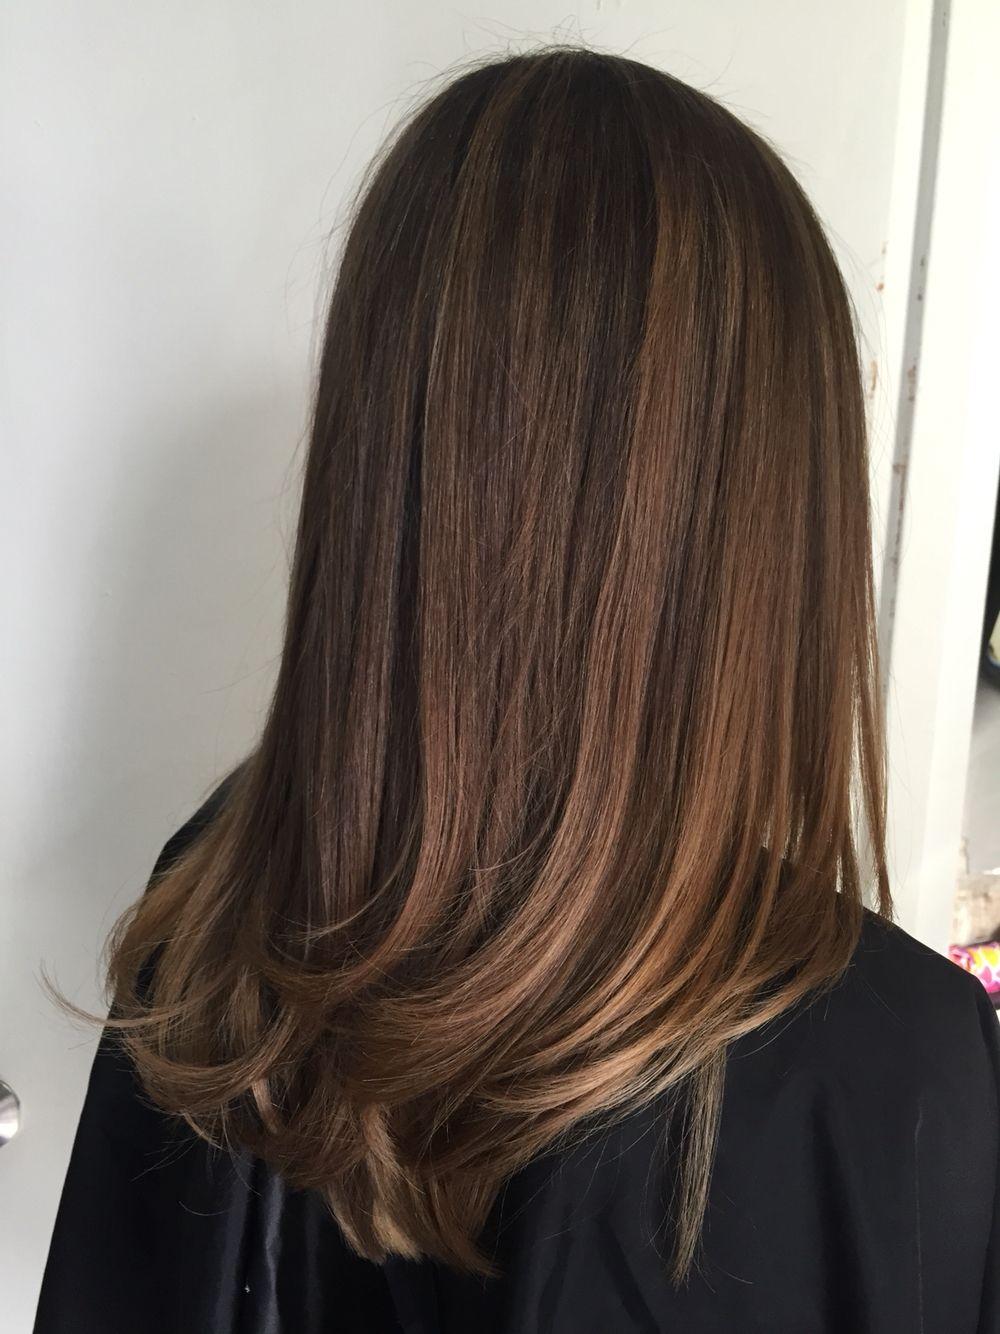 Natural Looking Balayage Highlights Hair Balayage Hair